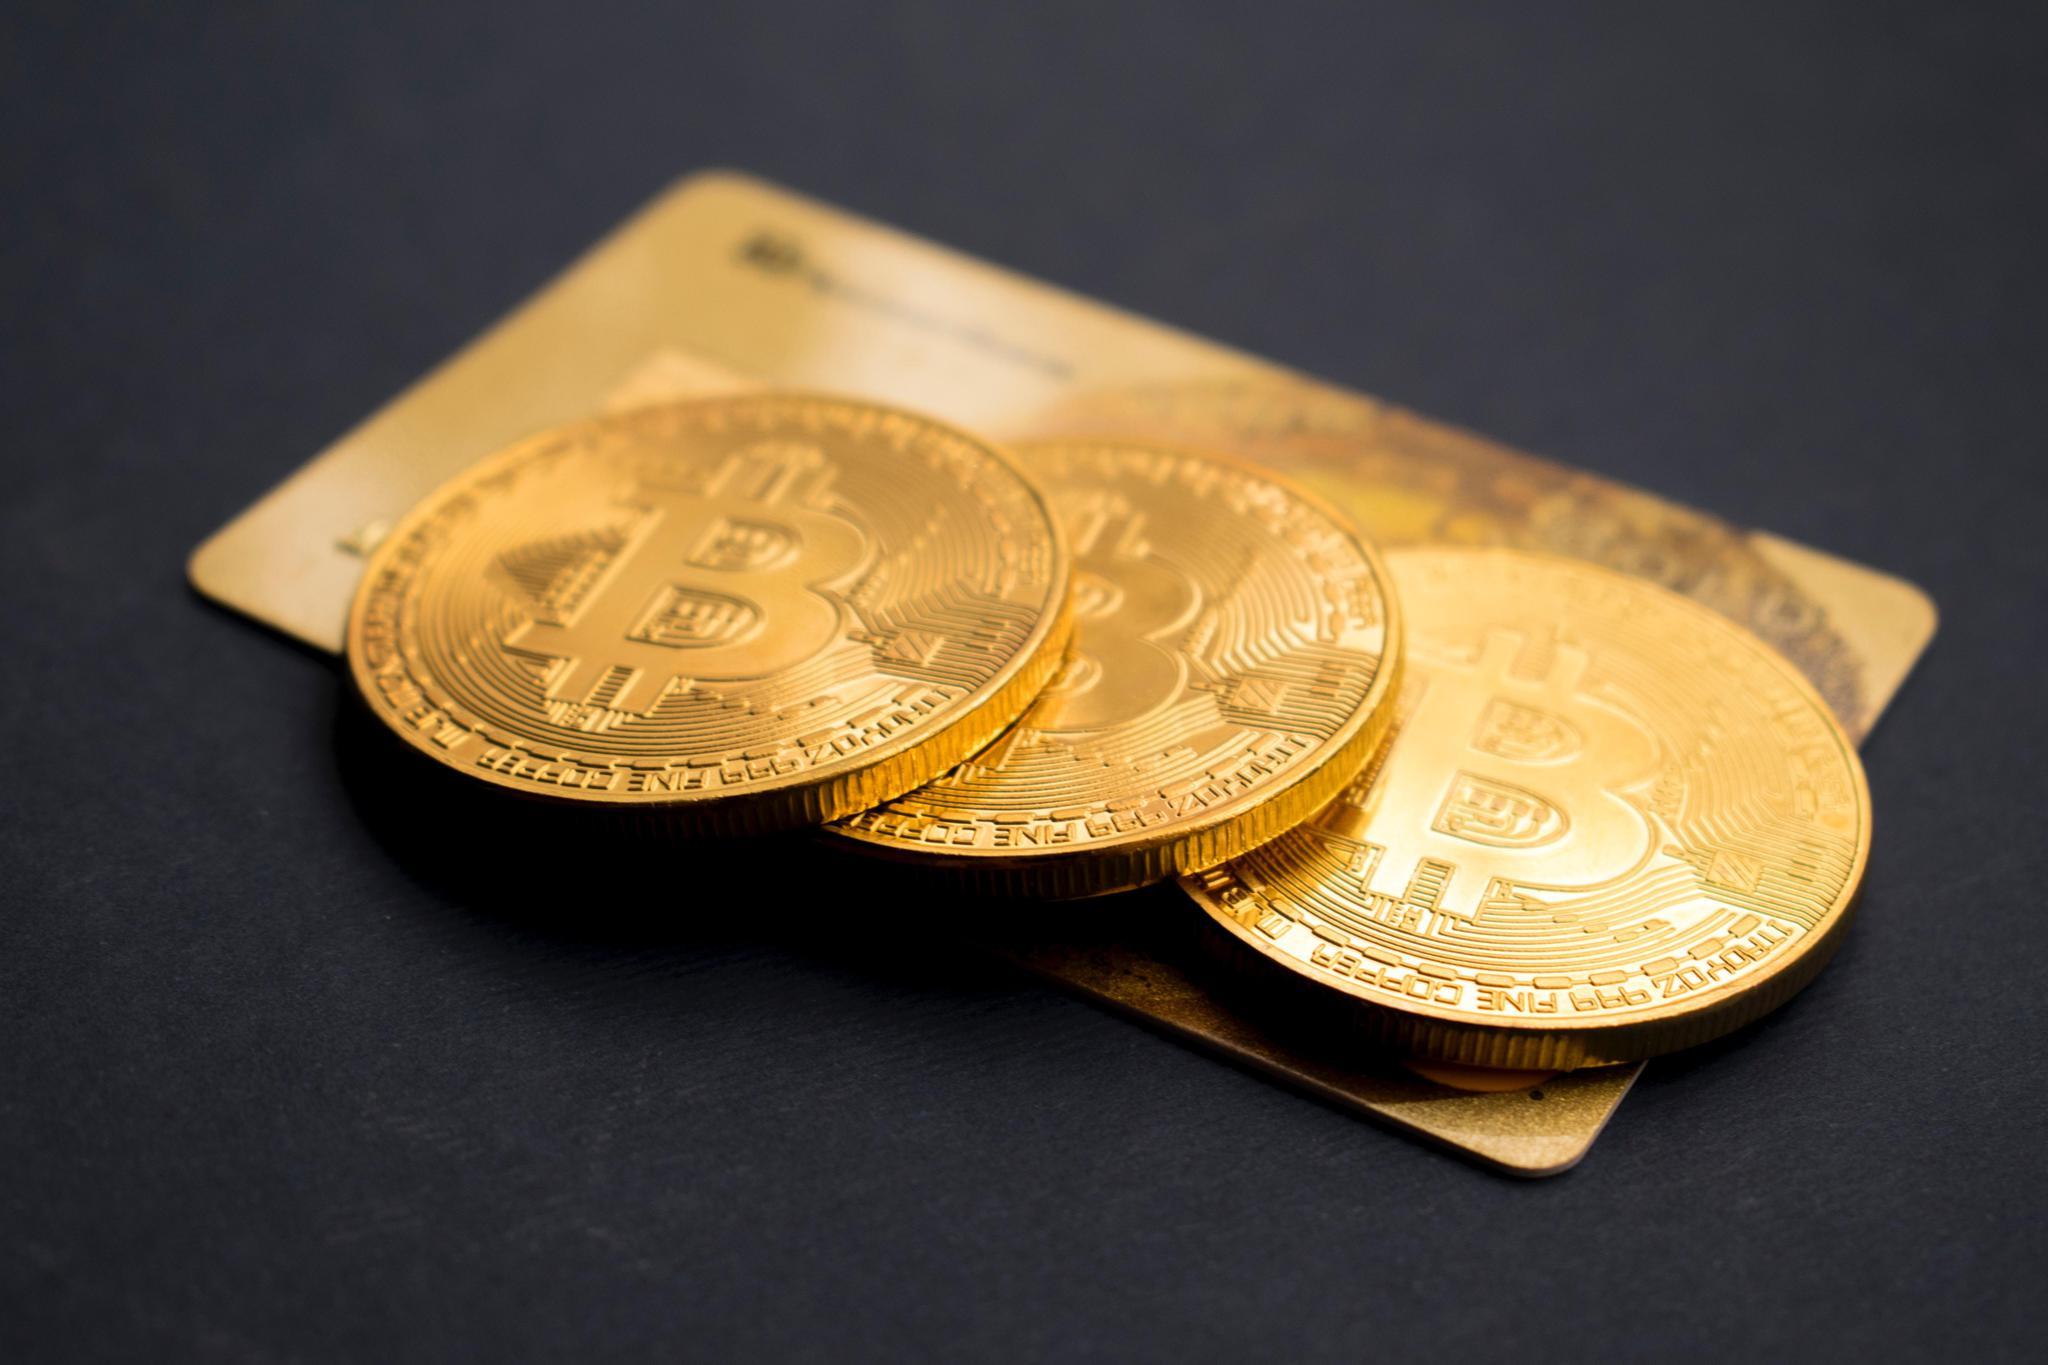 黄金投资盈利如何更平稳? 学习正确的交易理念